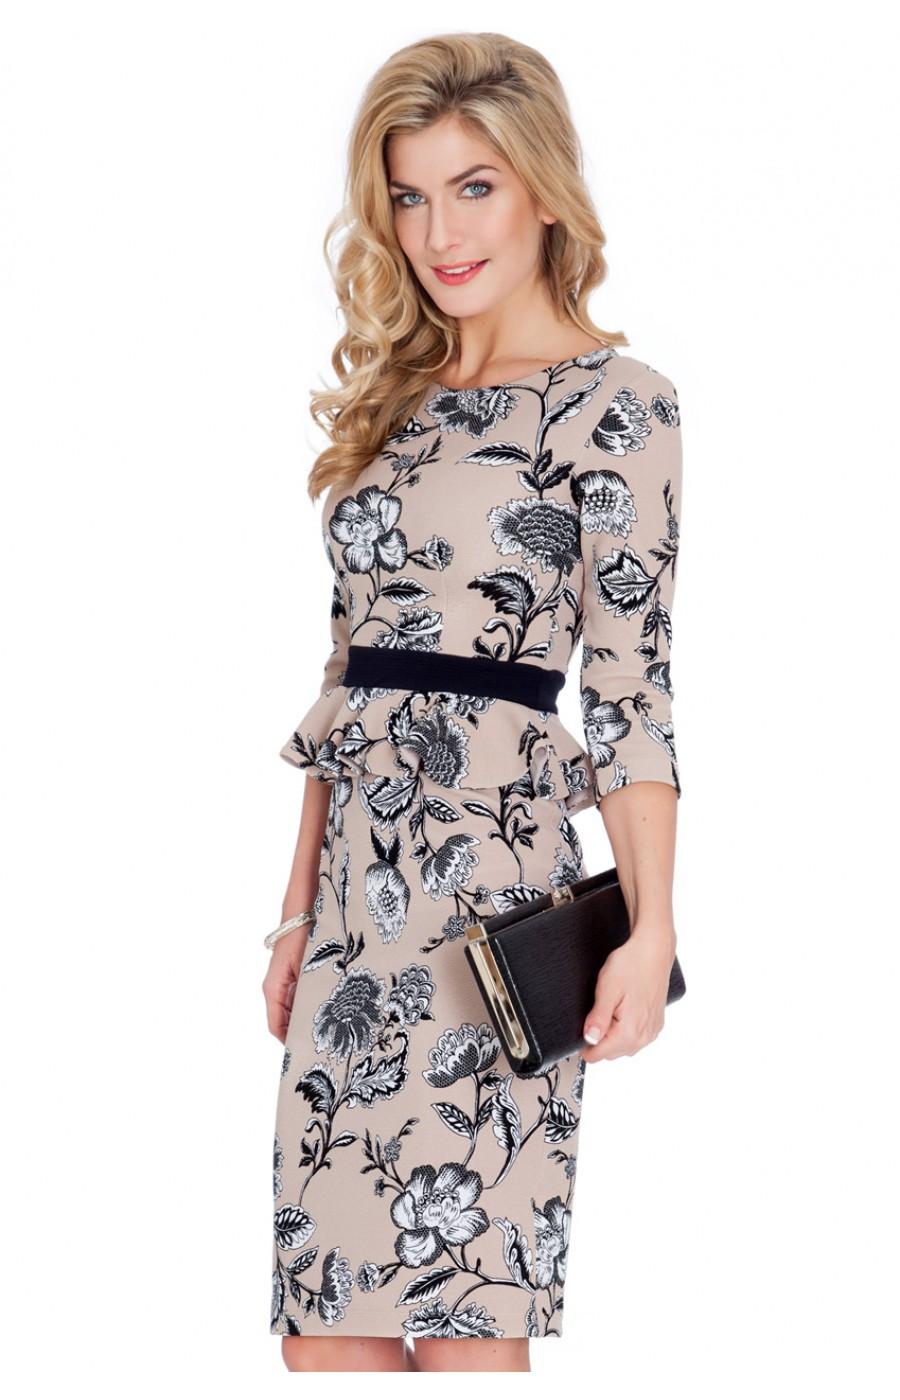 329e7336cbb0 Μίντι μπεζ φόρεμα γραφείου με μανίκι τριων τετάρτων